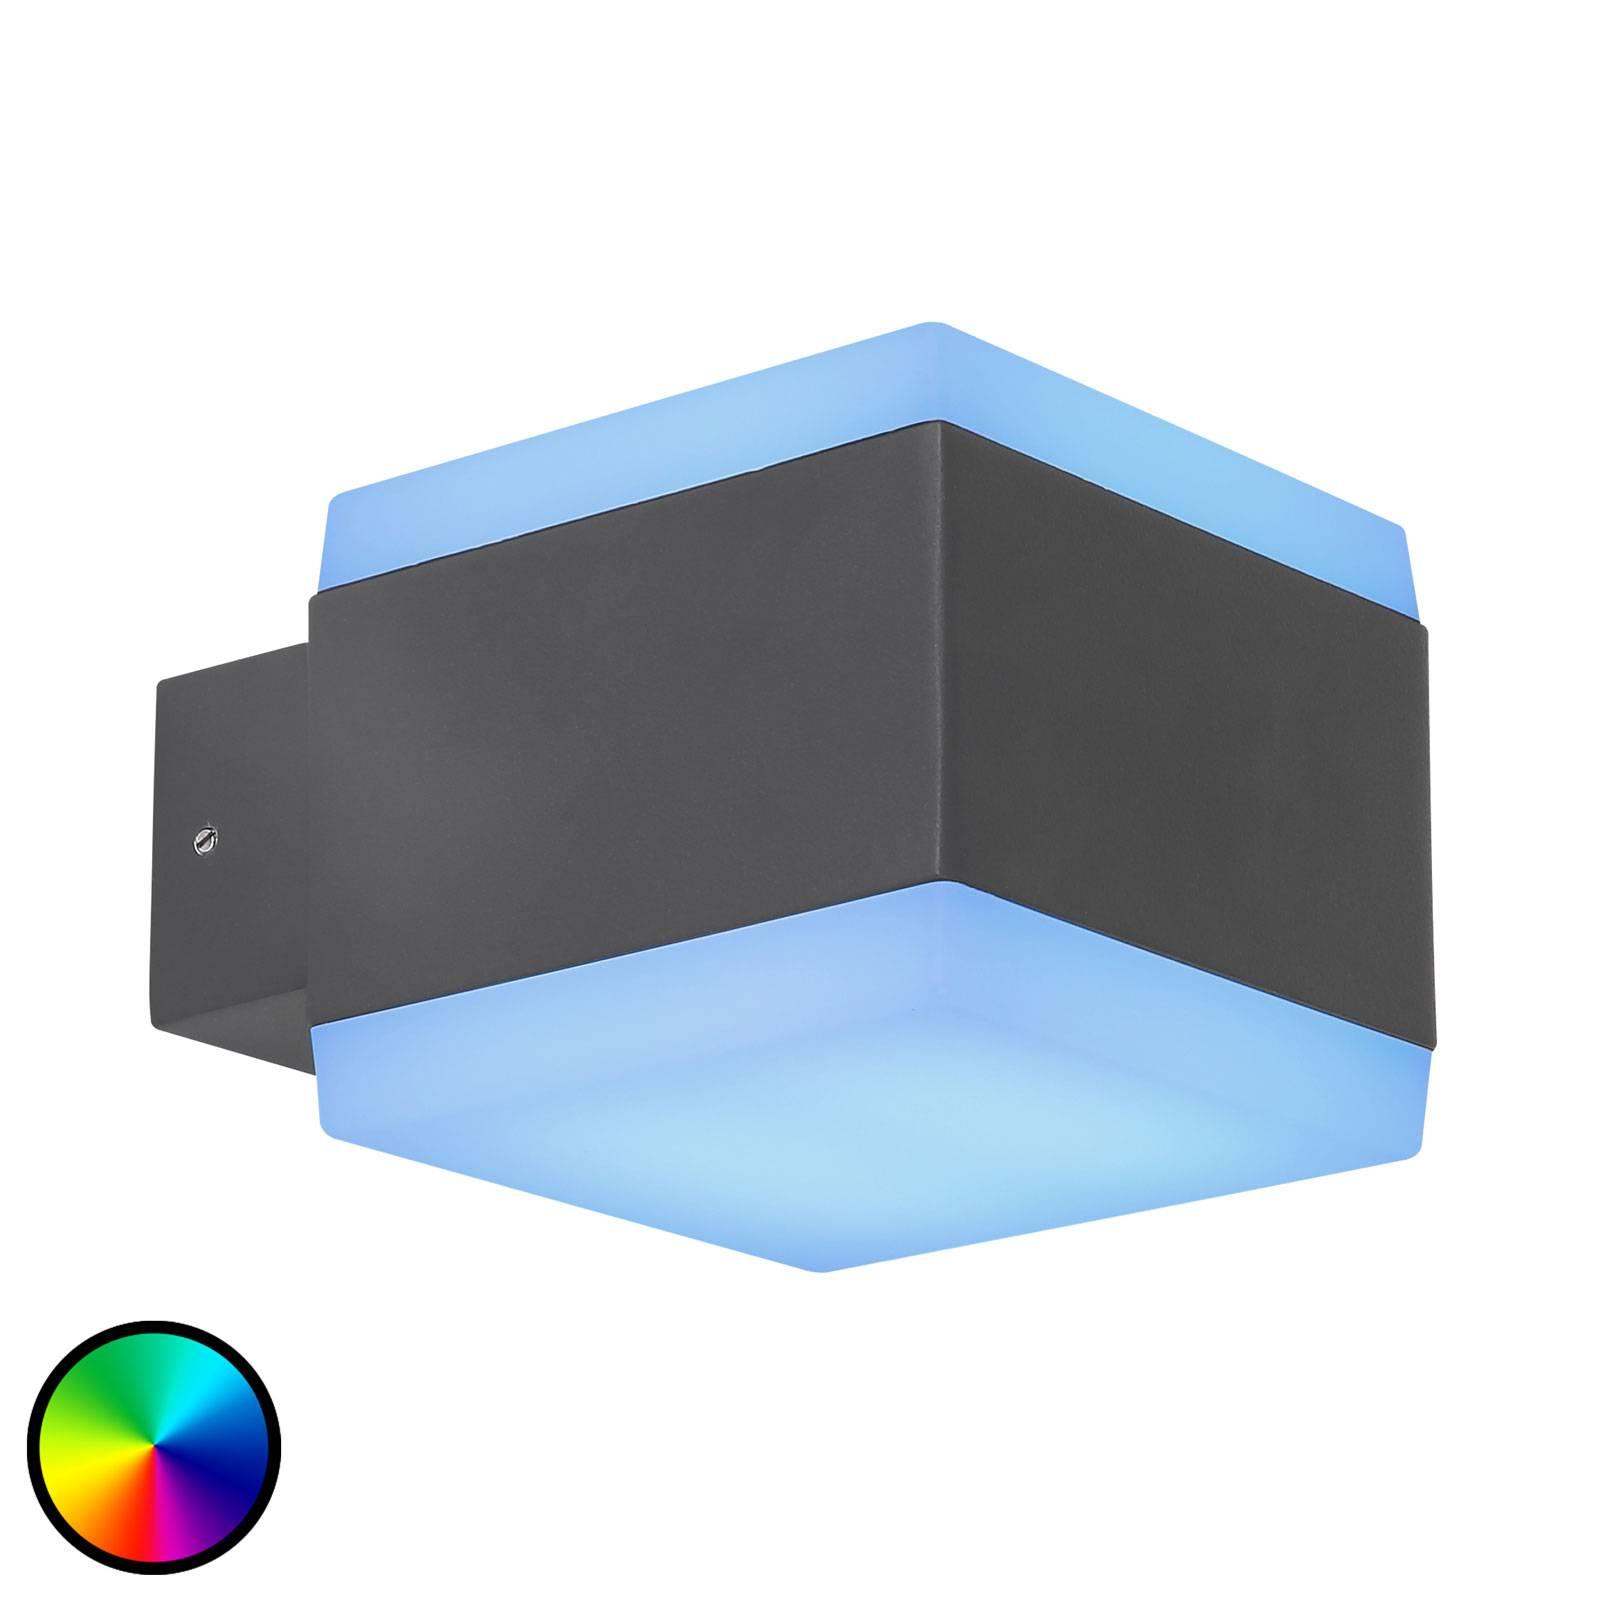 Applique d'extérieur LED Slice Tuya-Smart RGBW CCT